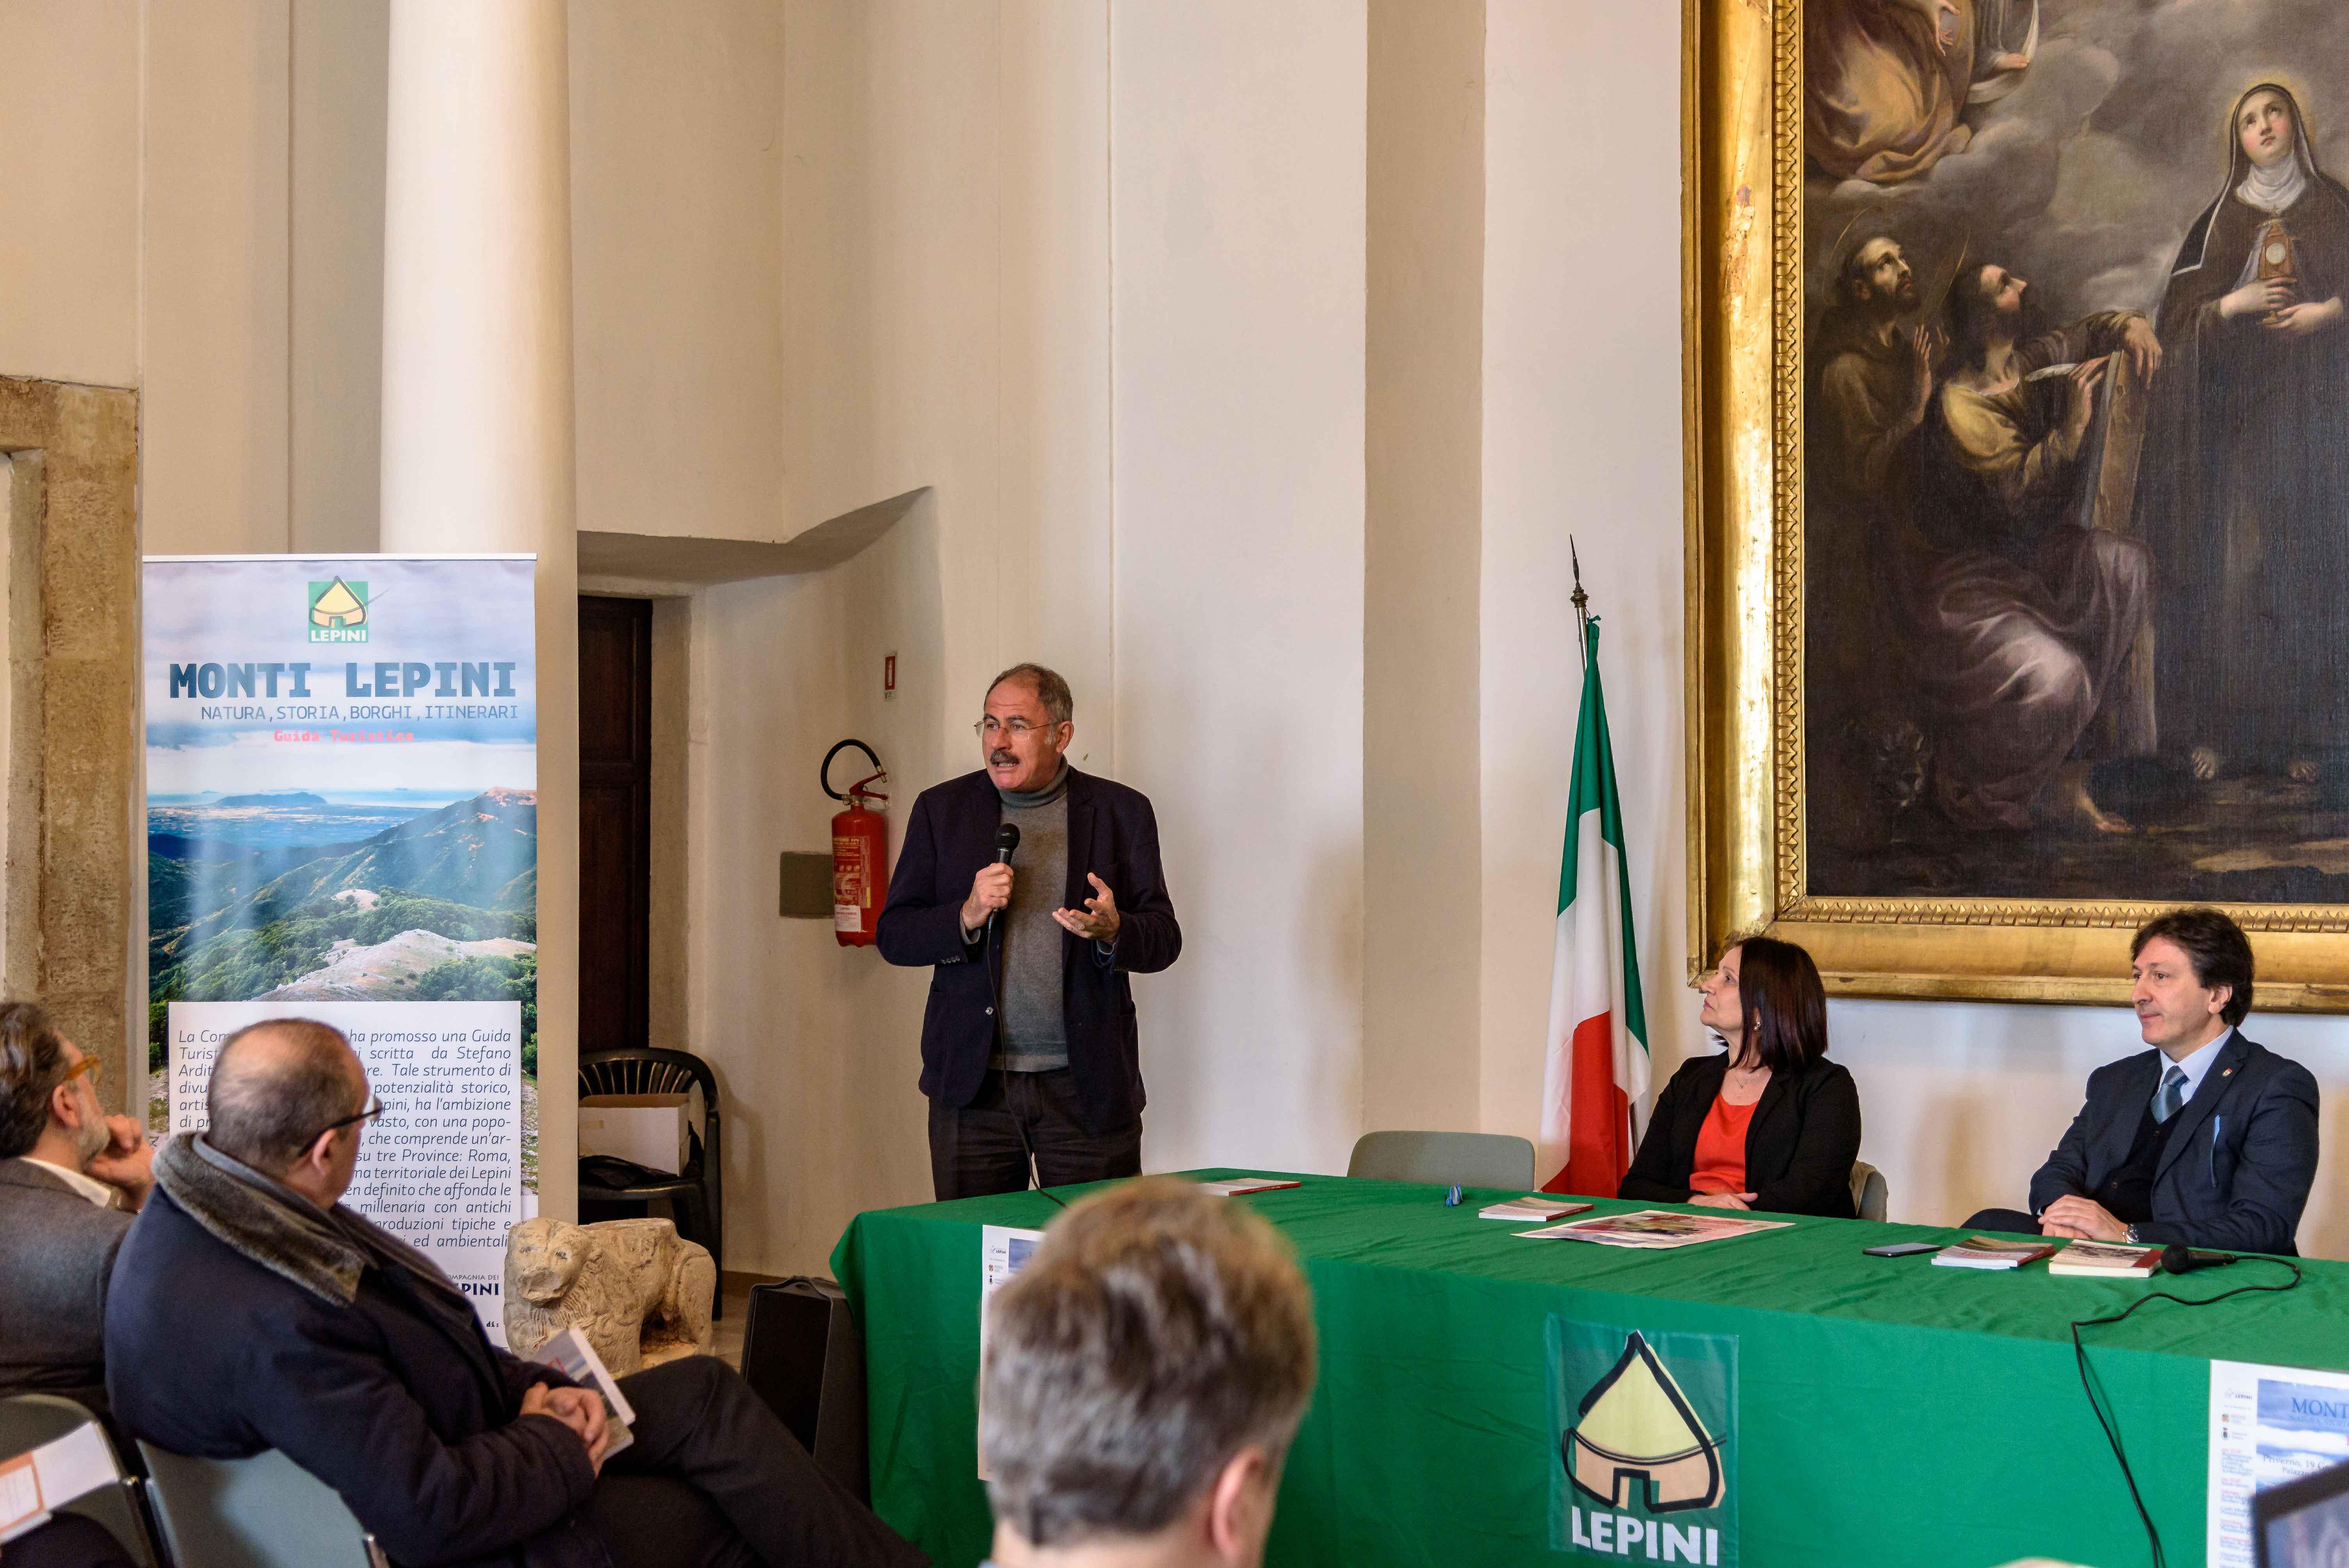 Stefano Ardito, Scrittore, Giornalista e Autore della guida